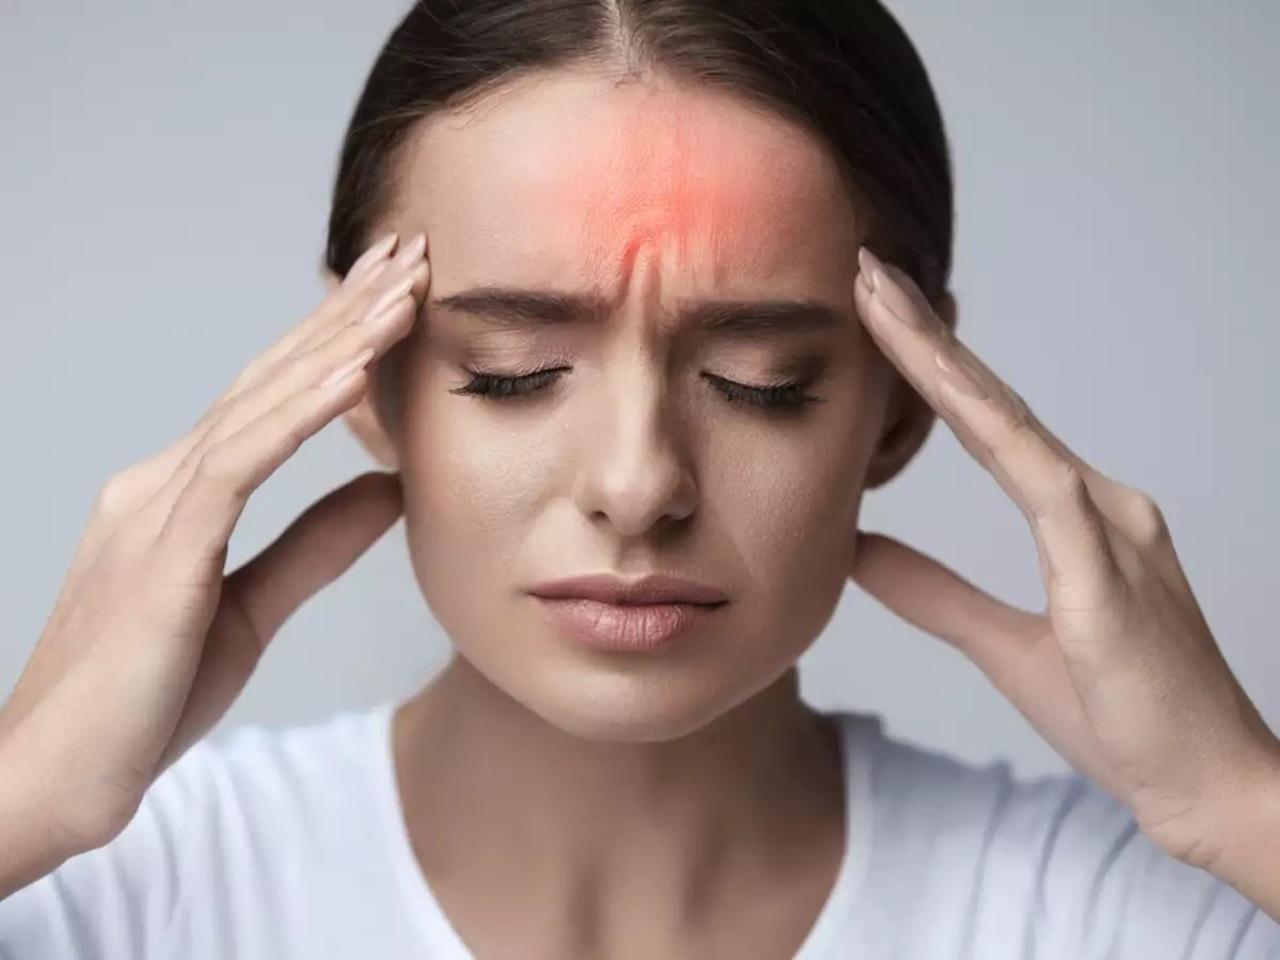 Consejos para aliviar los dolores de cabeza al natural